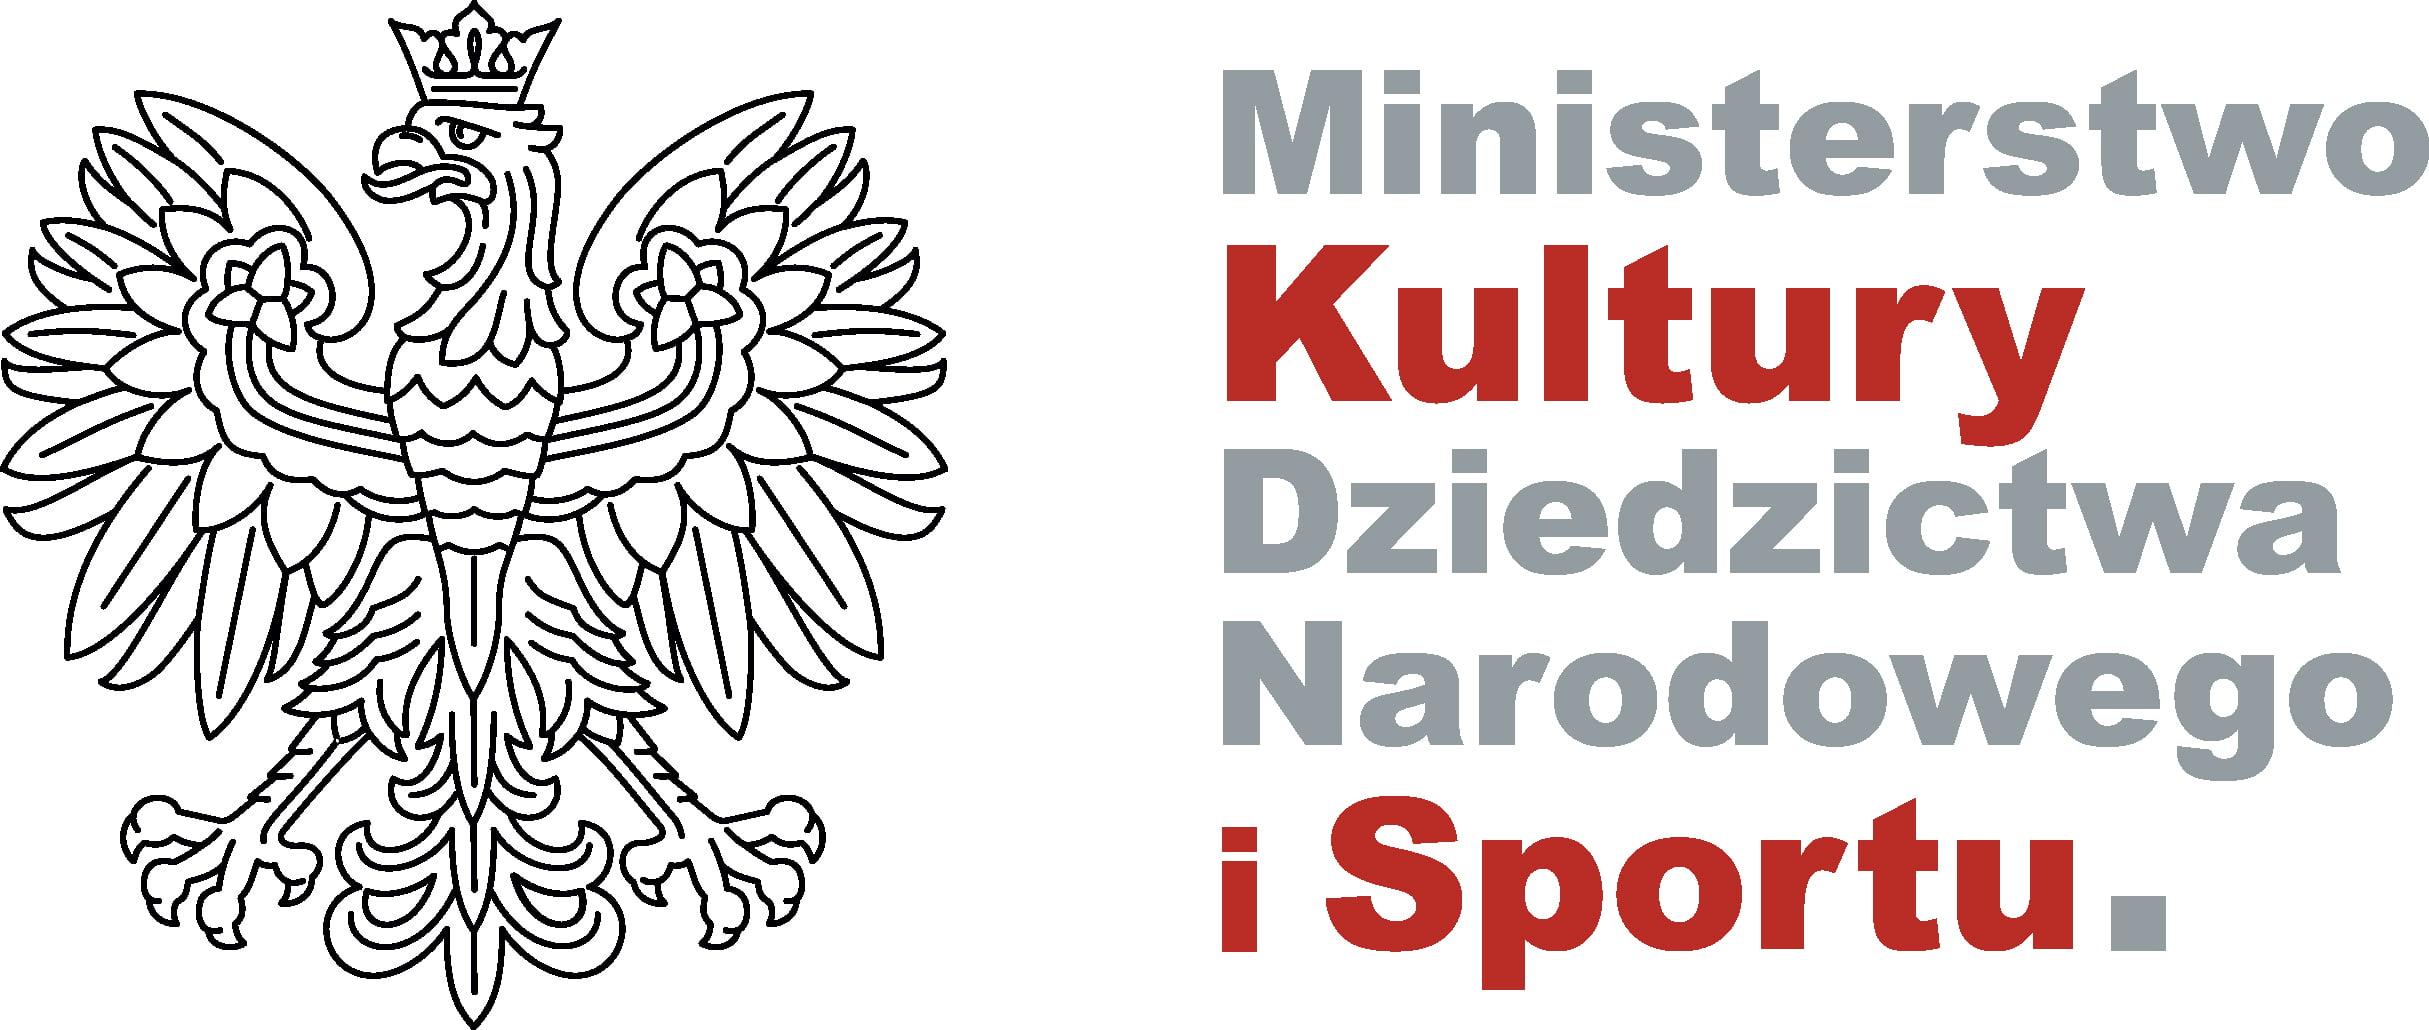 Orzeł RP oraz logo Ministerstwa Kultury, Dziedzictwa Narodowego i Sportu